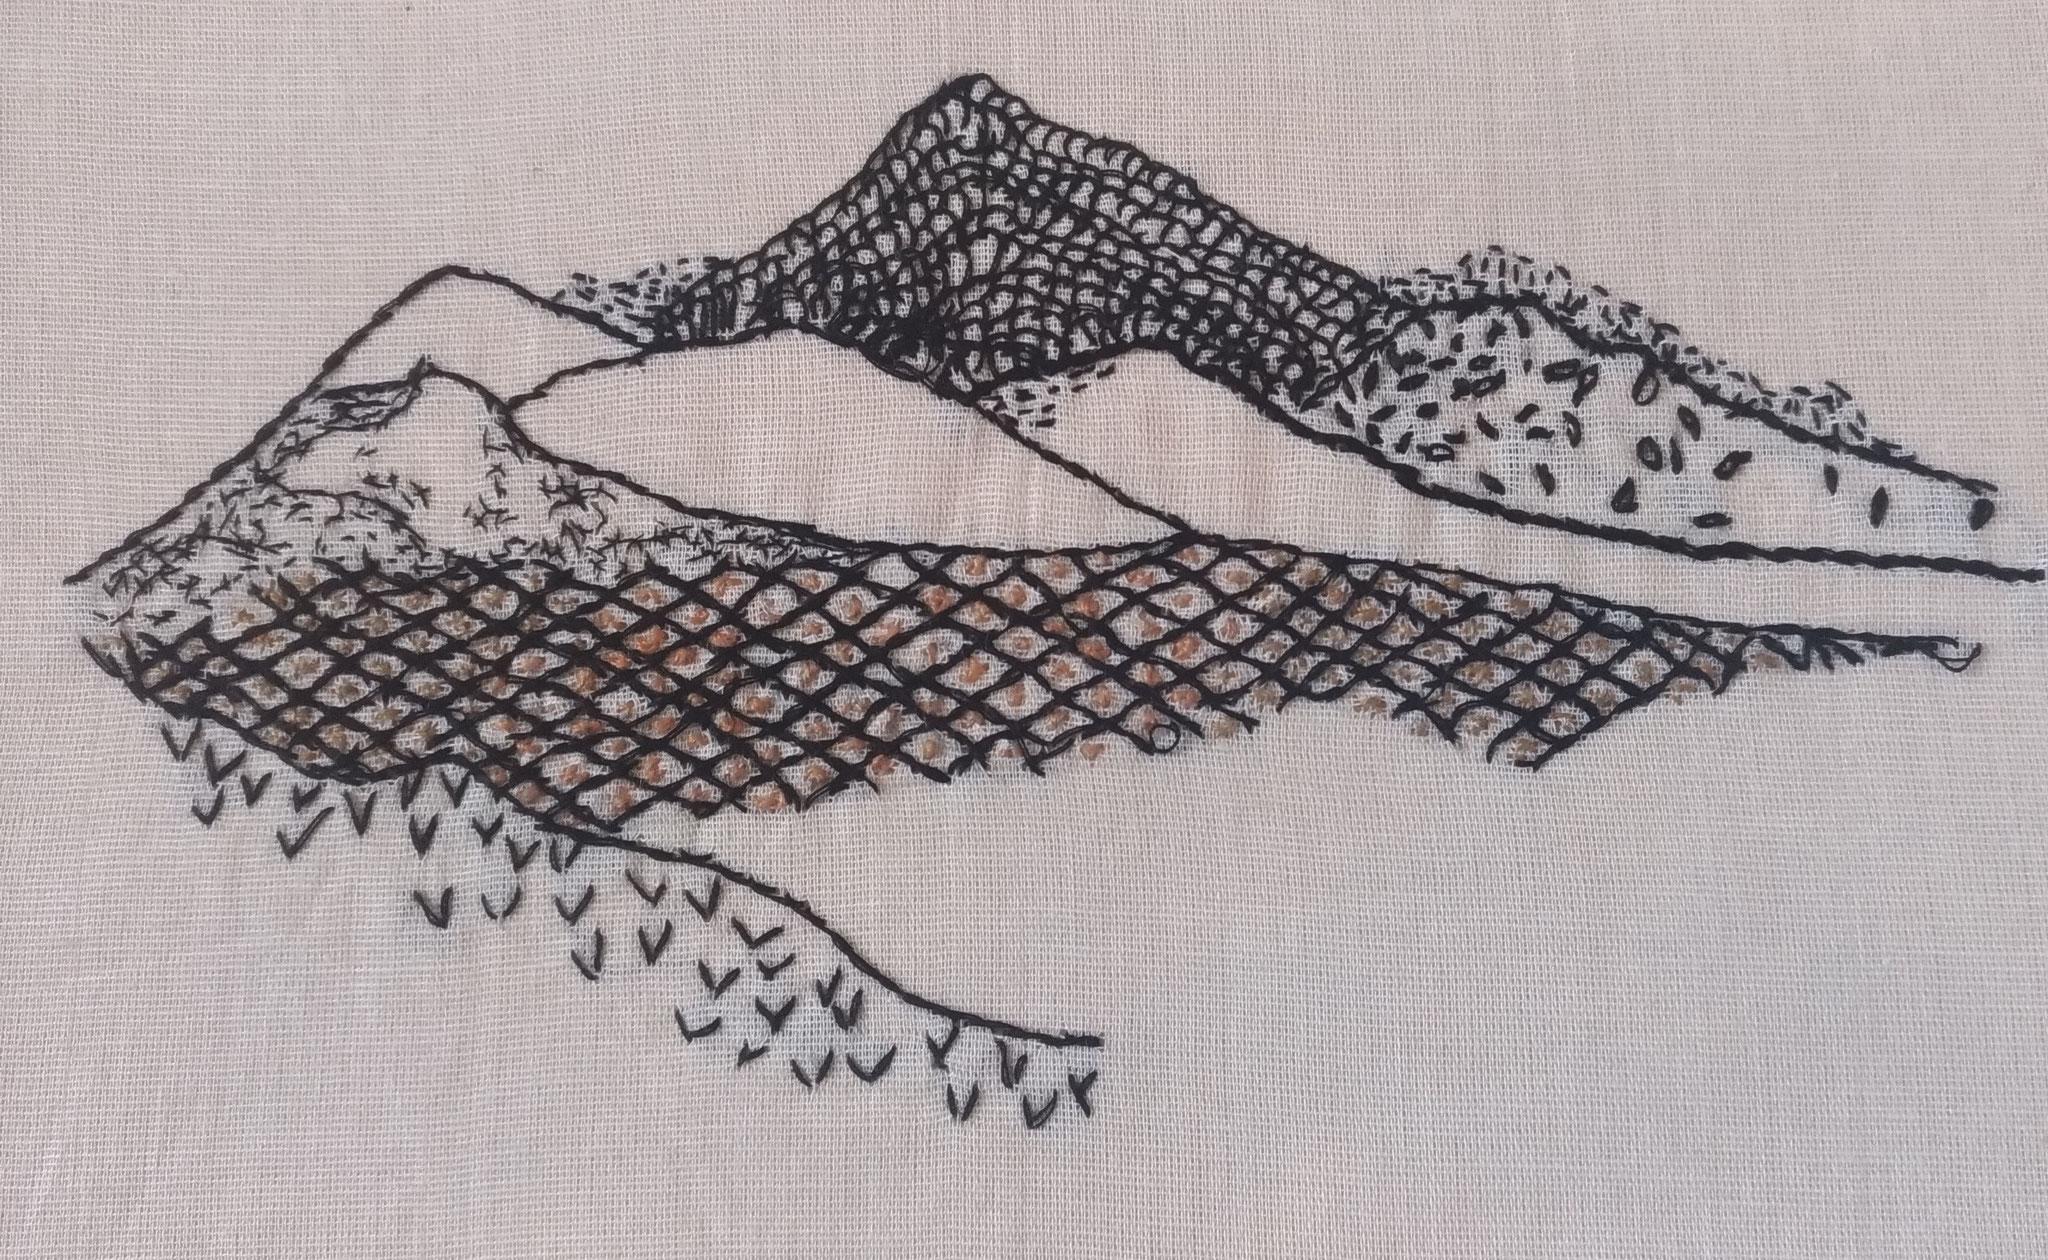 Fil de coton sur tissu en voile de coton -23x15cm